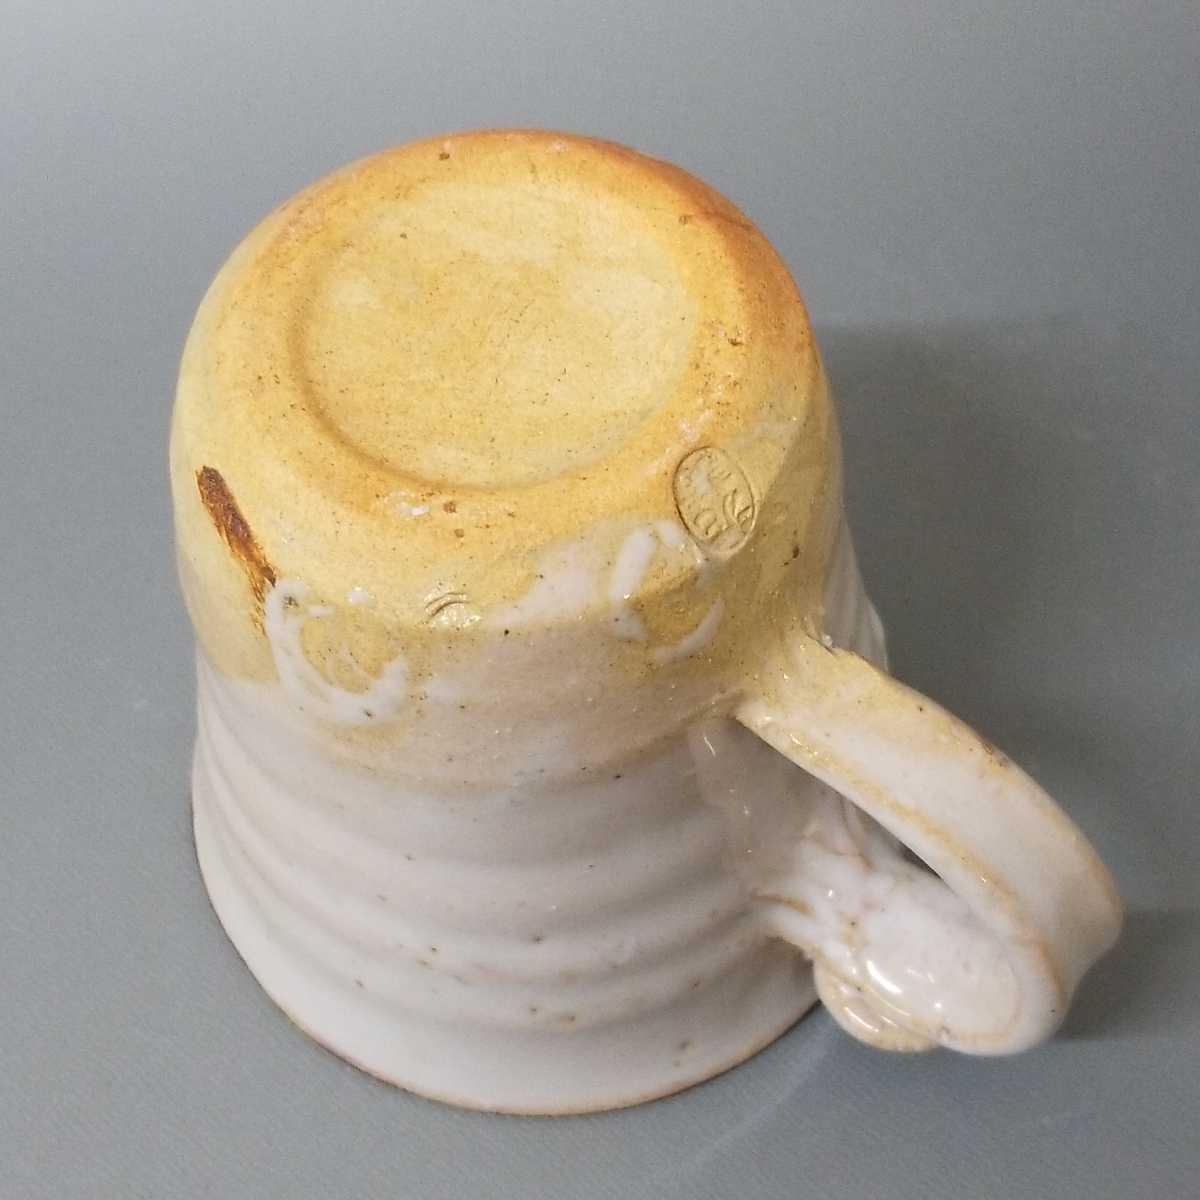 富09)萩焼 渋谷泥詩 白萩マグカップ 珈琲器 茶器 未使用新品 同梱歓迎 _画像6